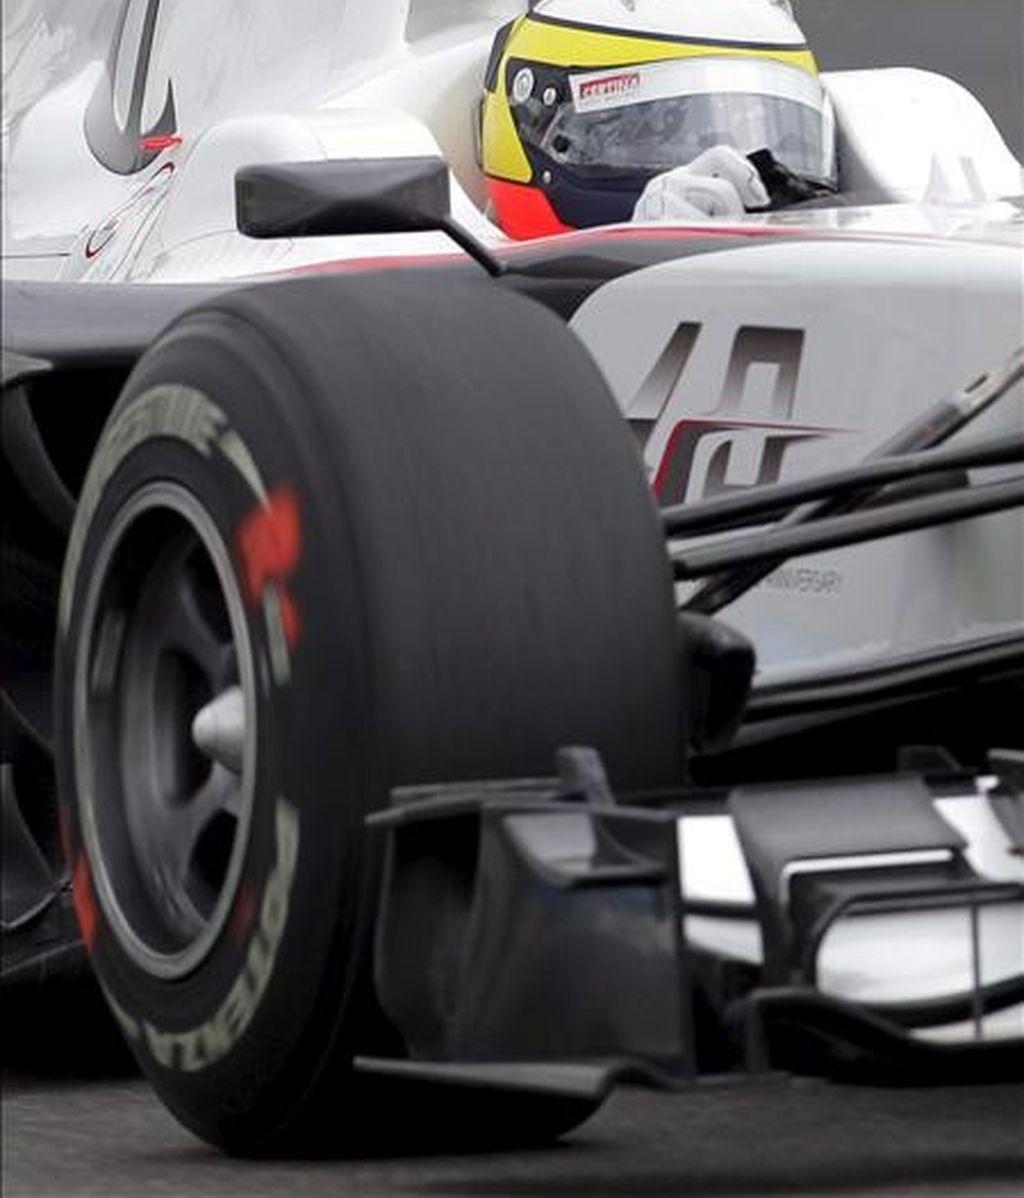 El piloto español de Fórmula Uno Pedro de la Rosa, de la escudería Sauber, al volante de su monoplaza. EFE/Archivo